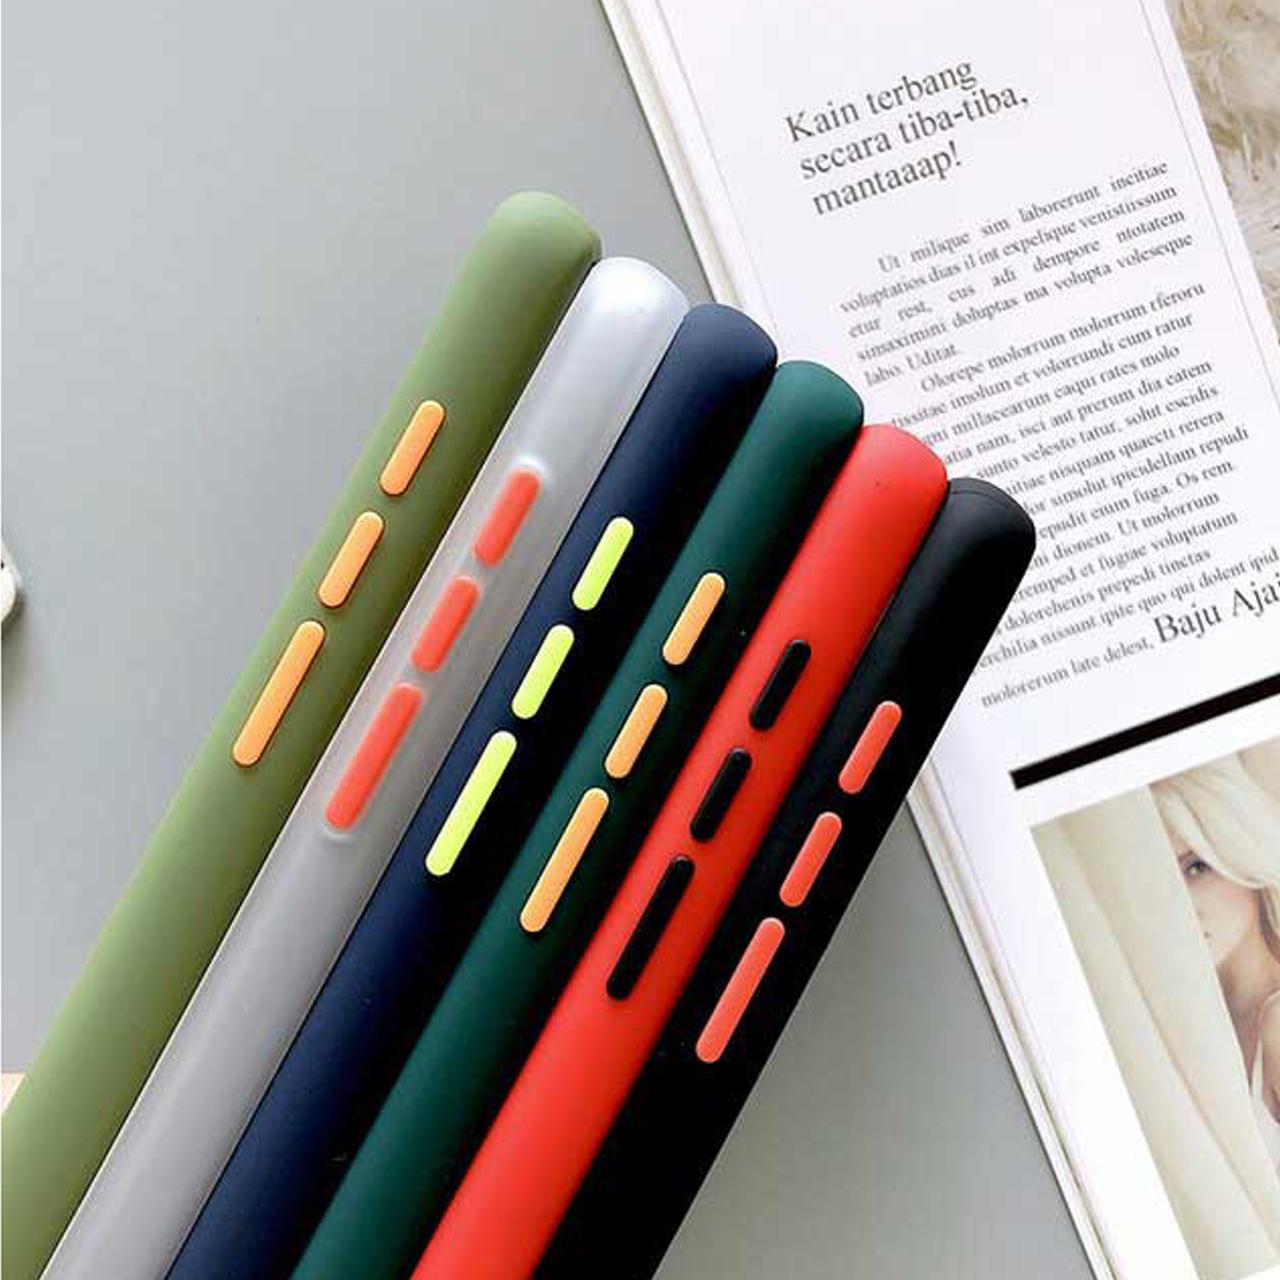 کاور کینگ پاور مدل M22 مناسب برای گوشی موبایل شیائومی Redmi Note 9S / Note 9 Pro / Note 9 Pro Max main 1 10